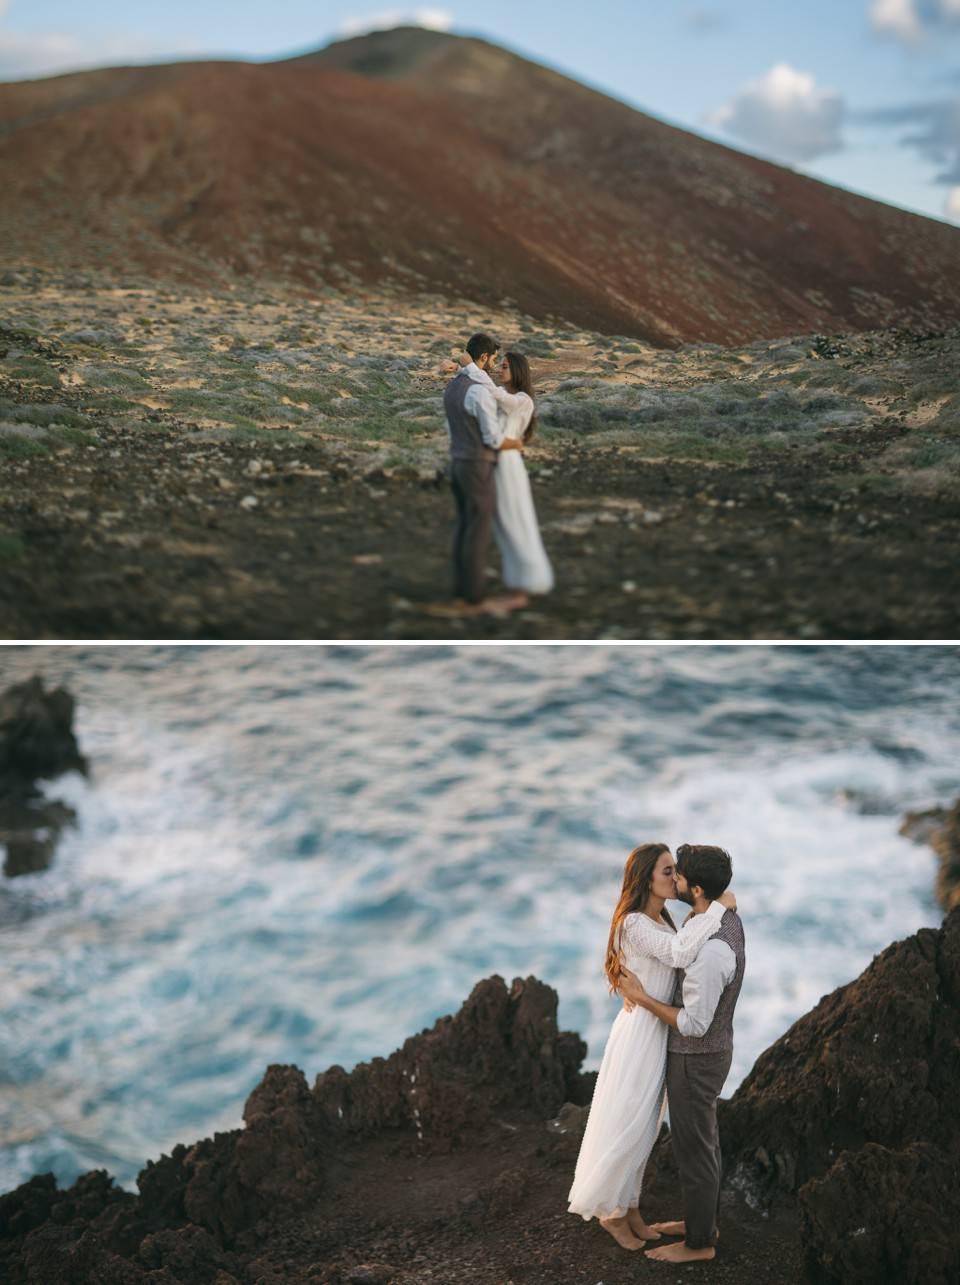 Weiterbildung ist alles | Hochzeitsfotografen Workshop | FORMA photographer | wedding photographer workshop